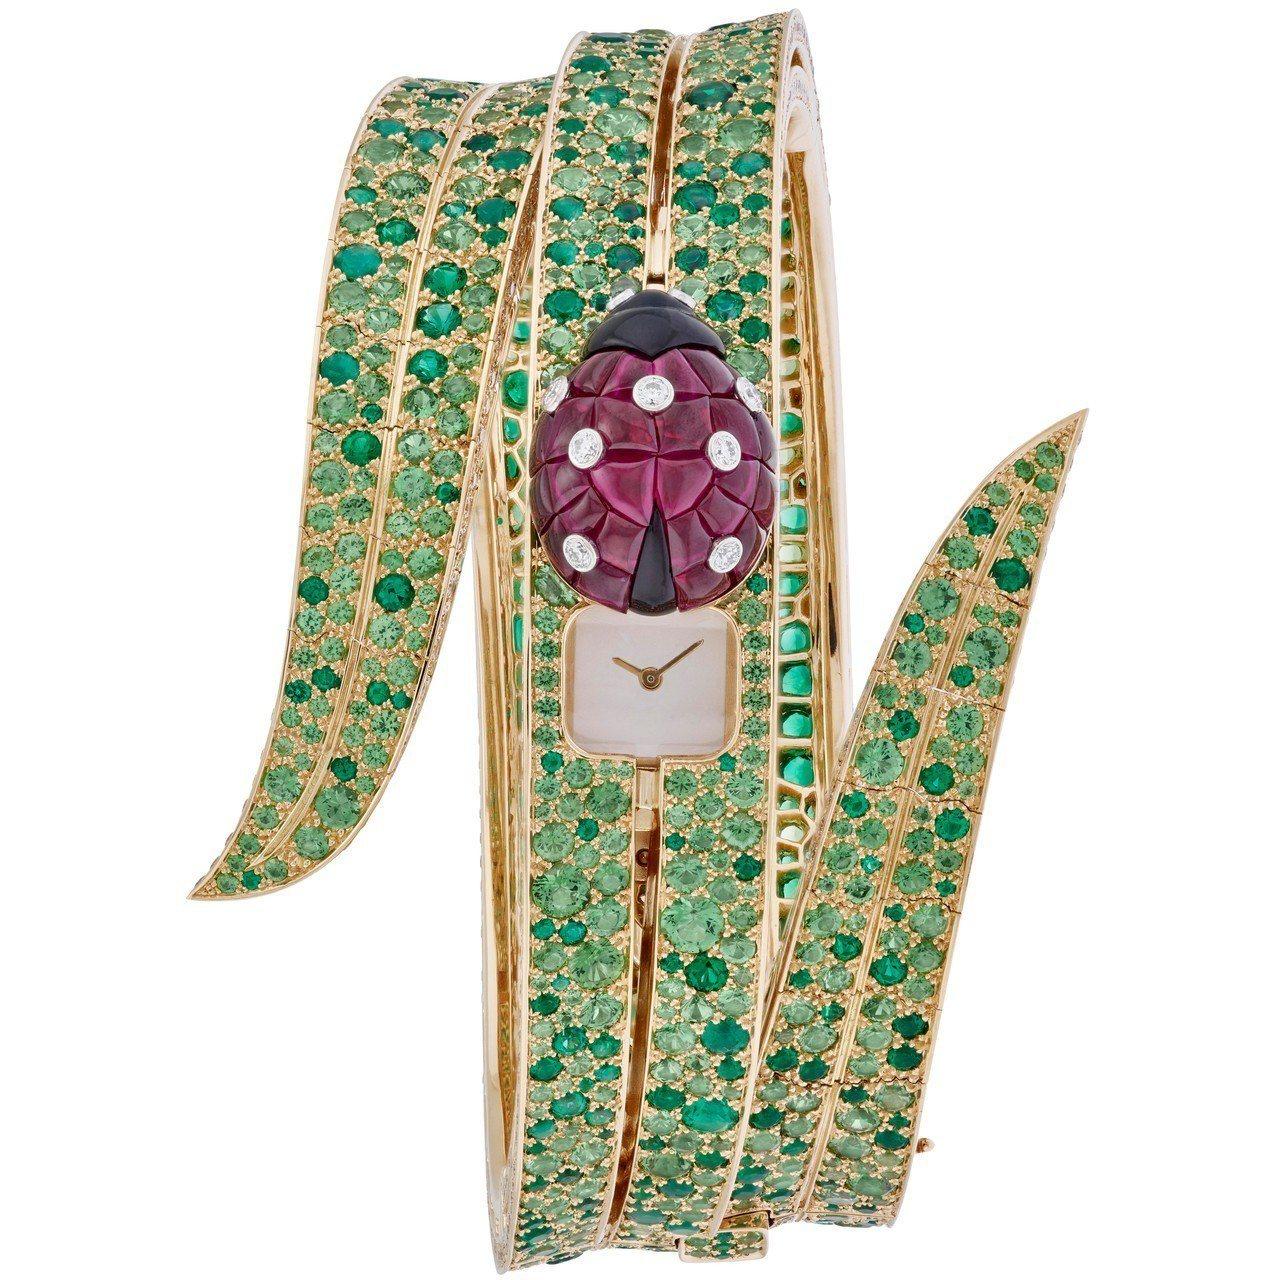 最佳珠寶表獎頒給梵克雅寶的瓢蟲神秘表,價格店洽。圖/GPHG提供